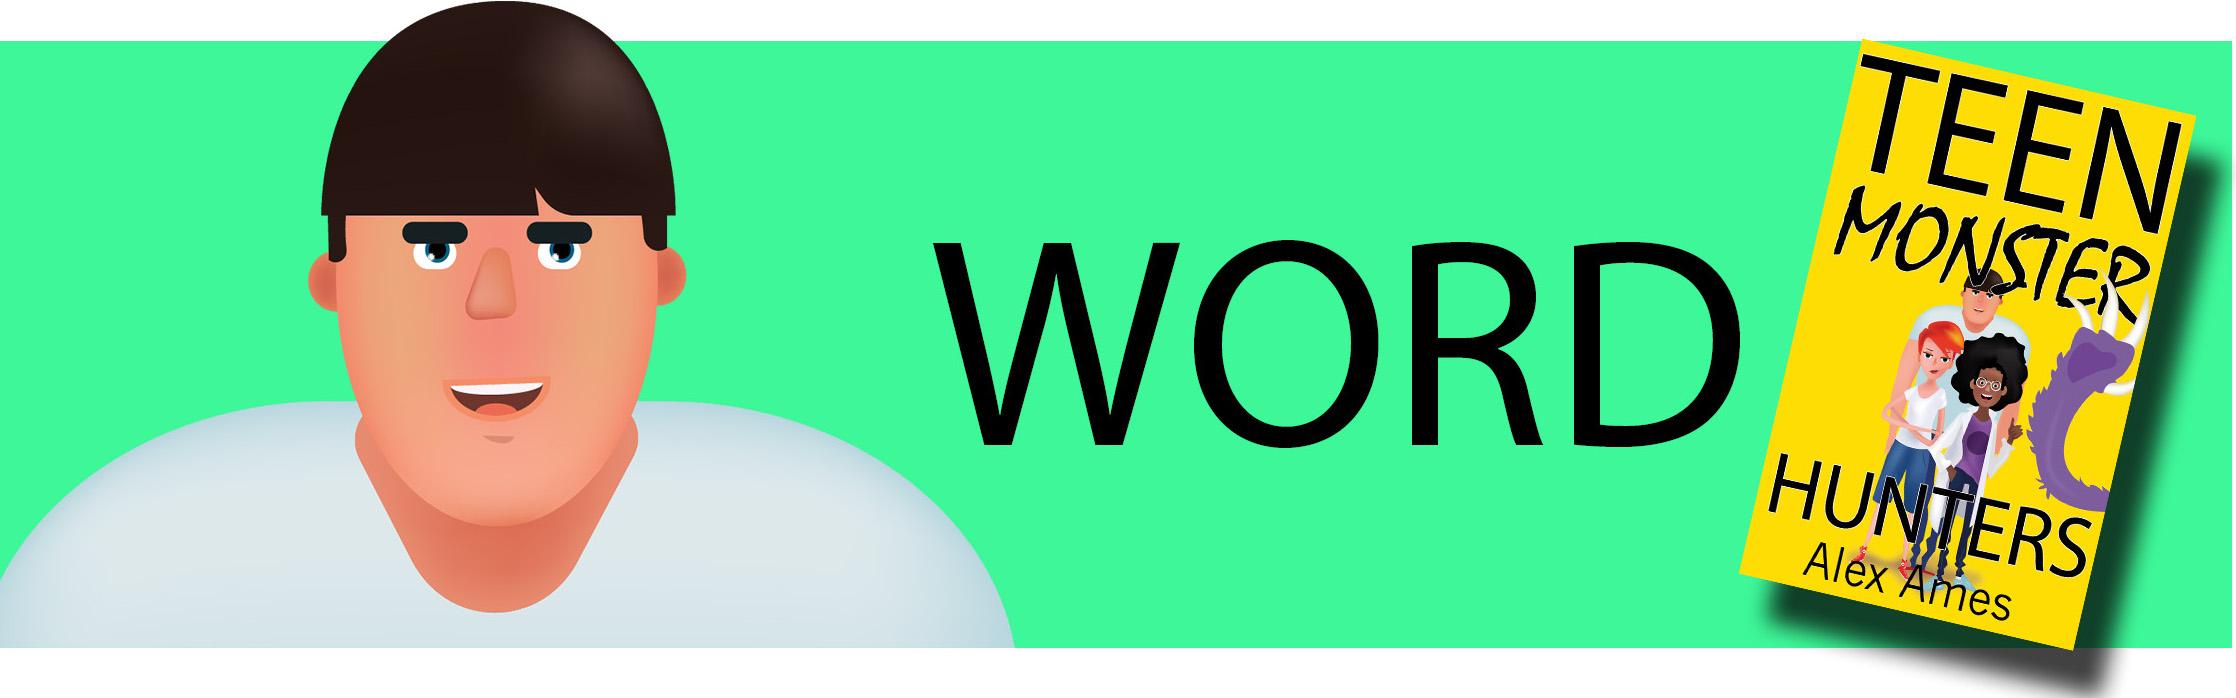 Moe Banner Always the last word.jpg